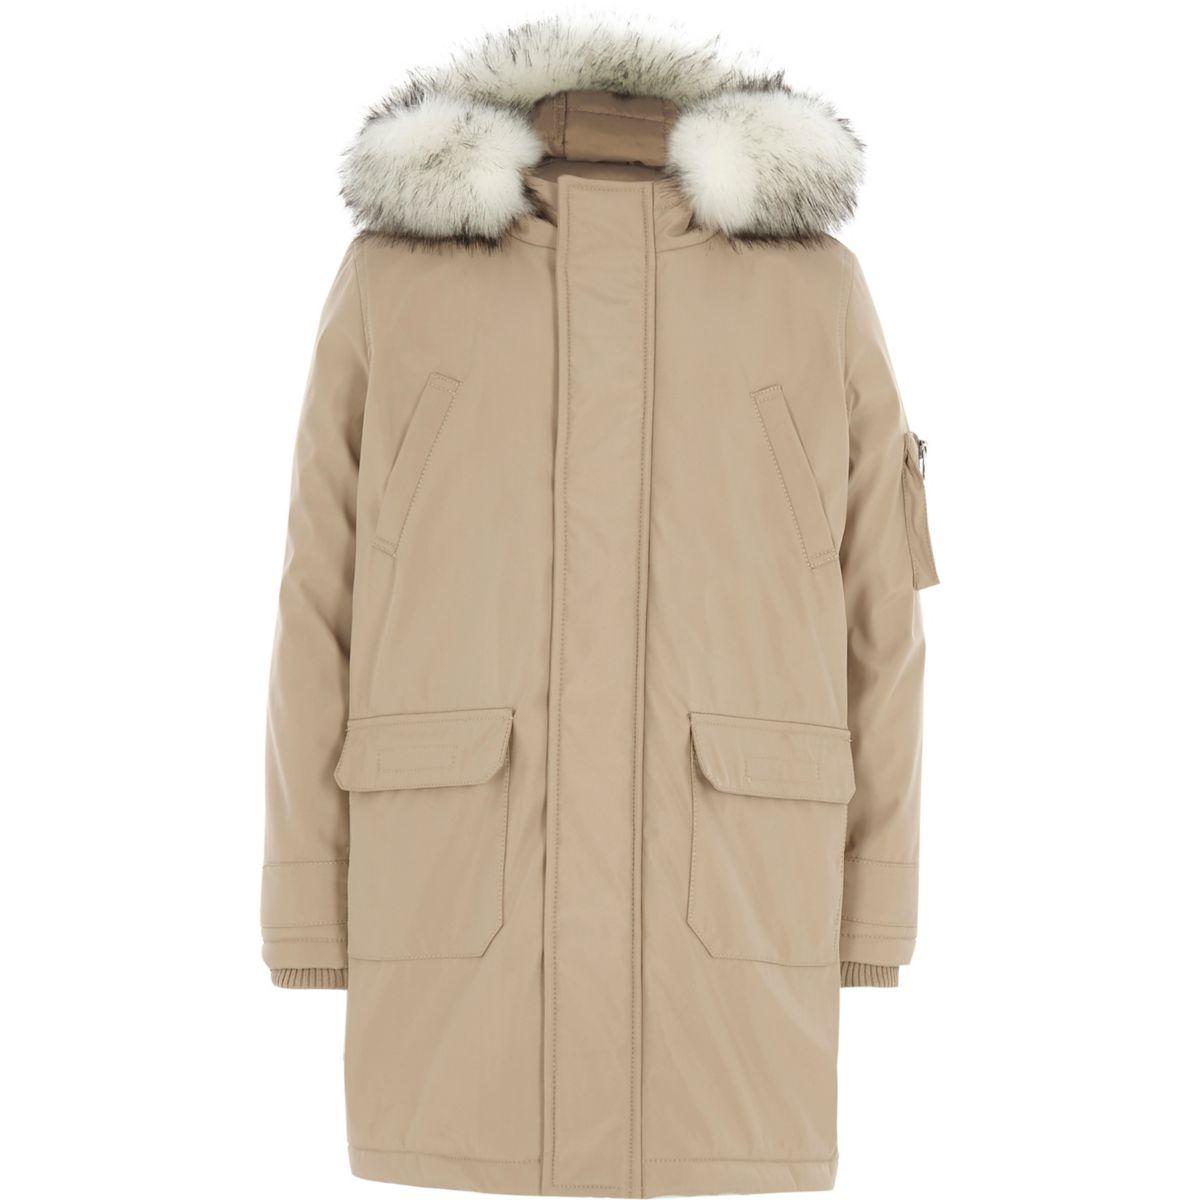 parka gr ge capuche bord e de fausse fourrure pour gar on manteaux manteaux vestes gar on. Black Bedroom Furniture Sets. Home Design Ideas